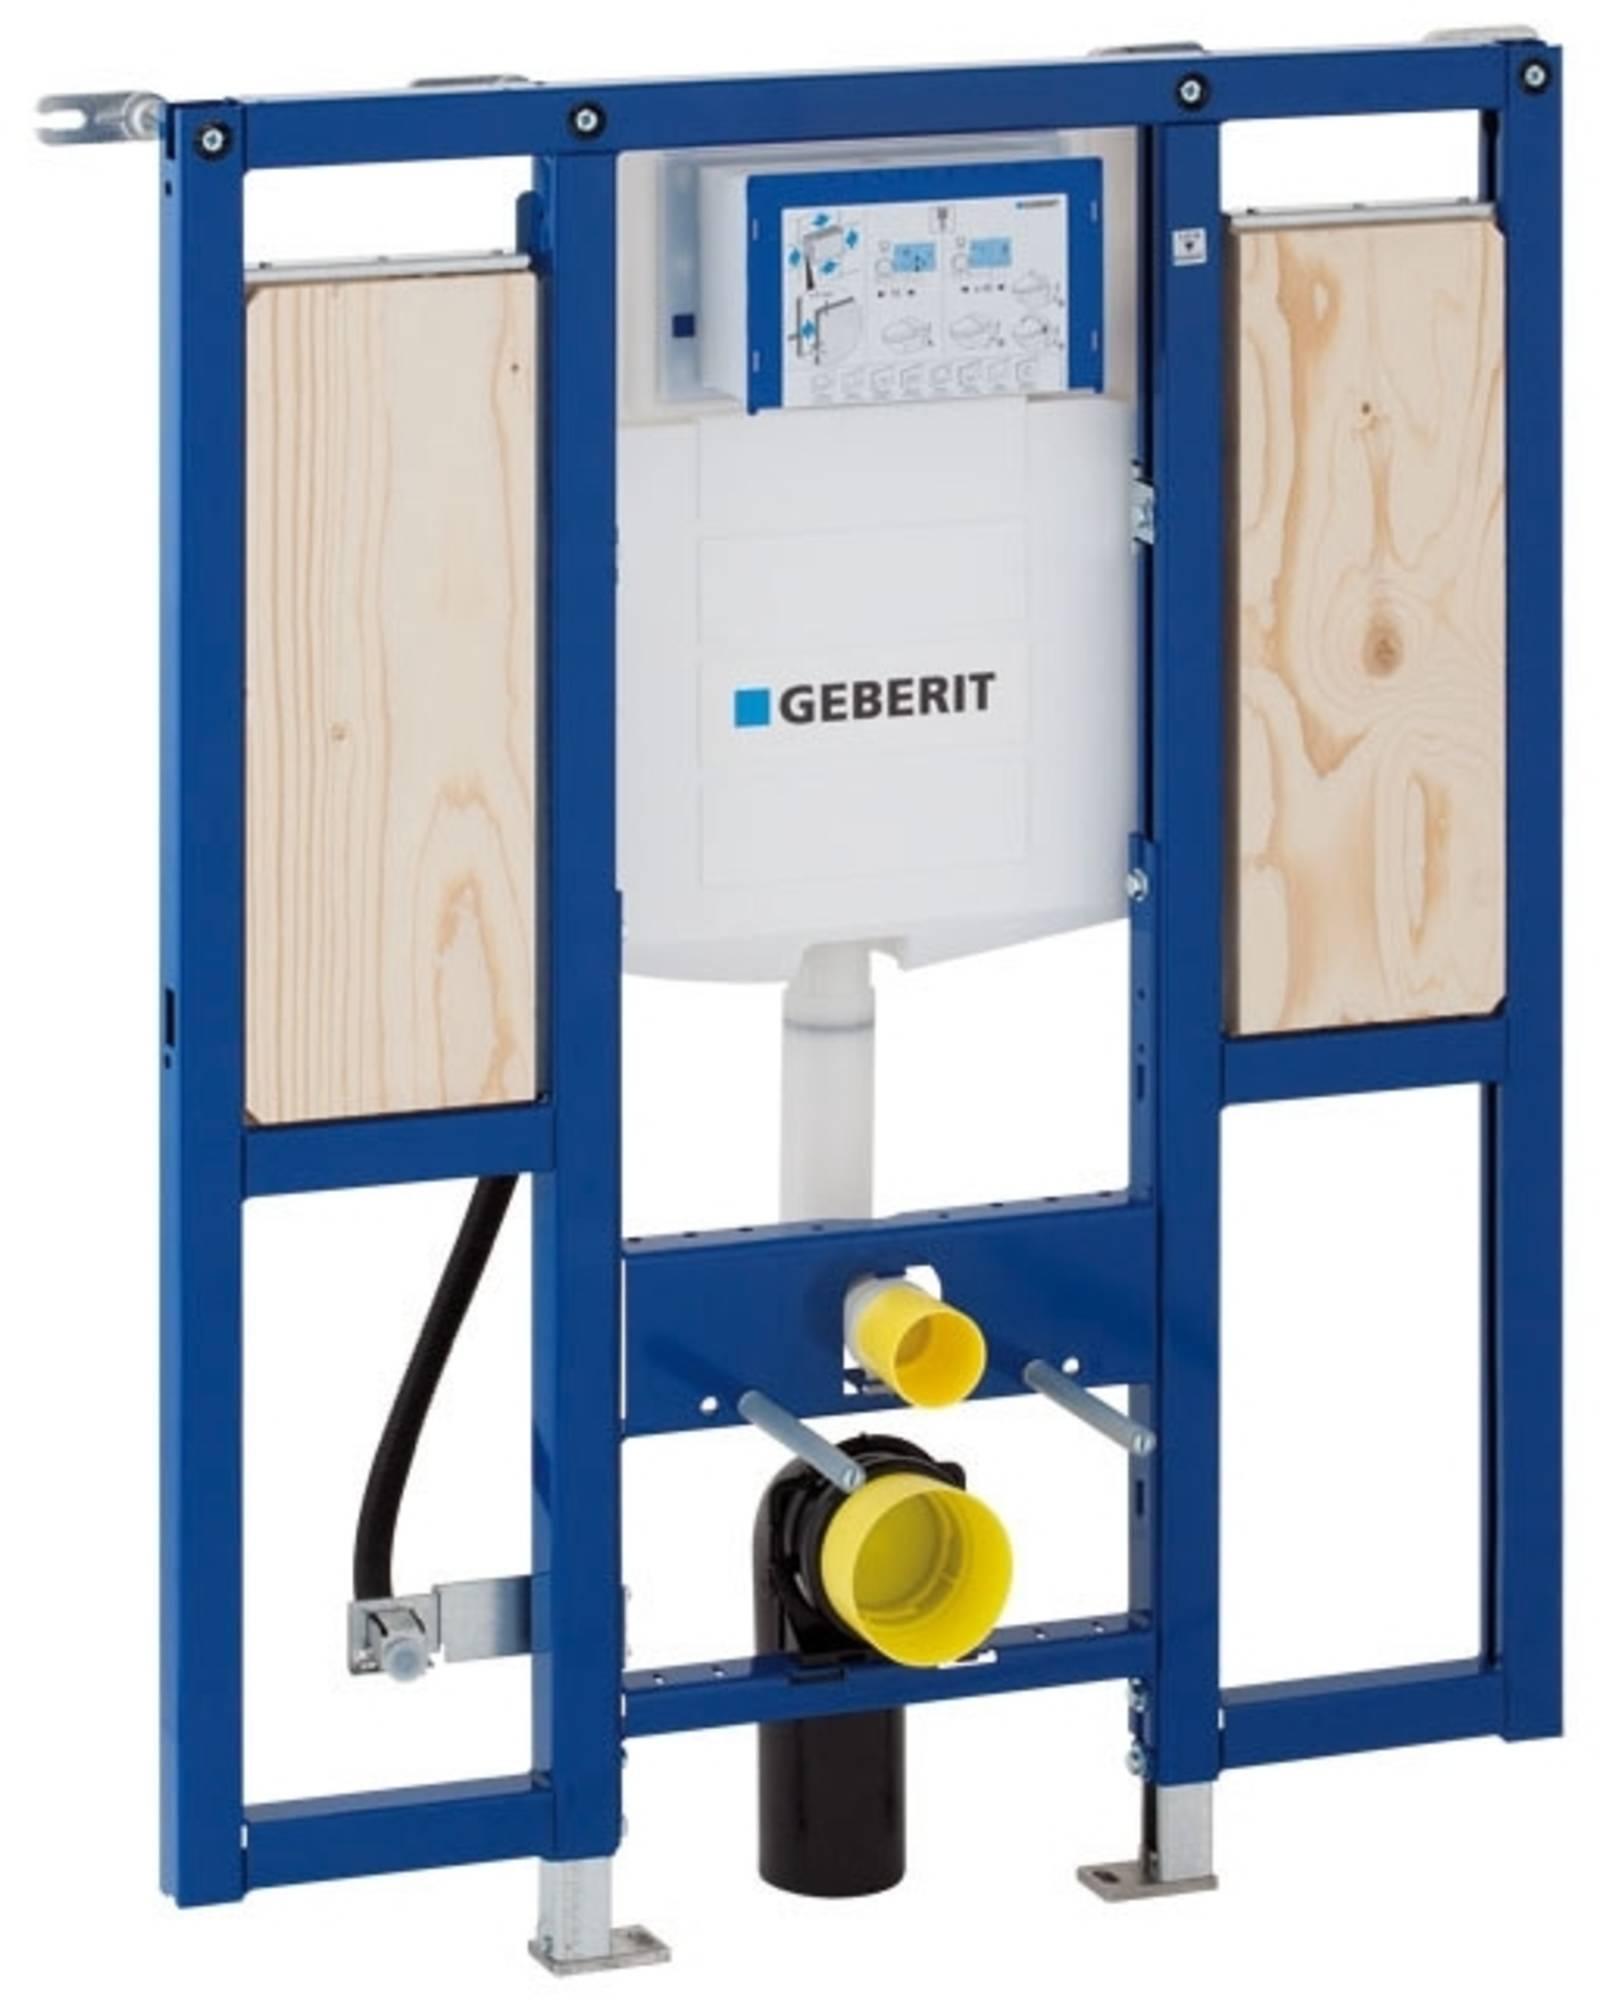 Productafbeelding van Geberit Duofix WC element H112 met reservoir UP320 112cm met armsteunbevestiging excl.iso set 111375005